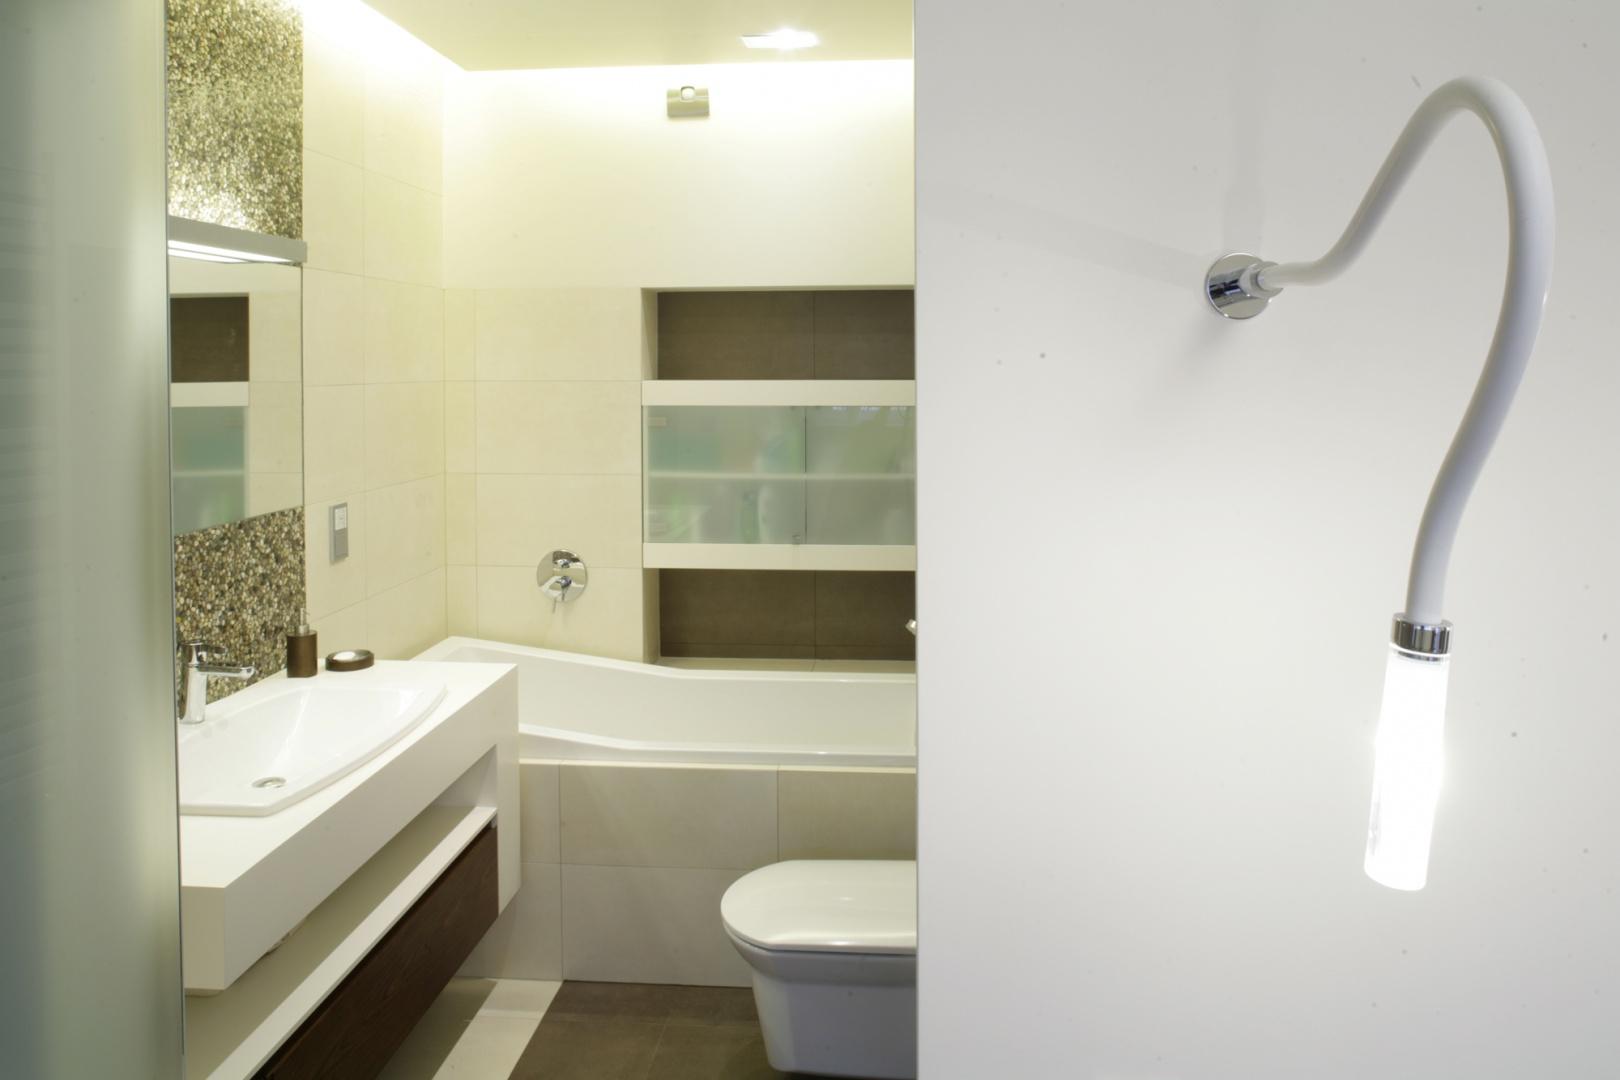 W łazience znalazł się tylko podstawowy program użytkowy: wanna, umywalka i sedes, ale w komfortowym wydaniu. Wnętrze jest eleganckie i harmonijne. Fot. Bartosz Jarosz.